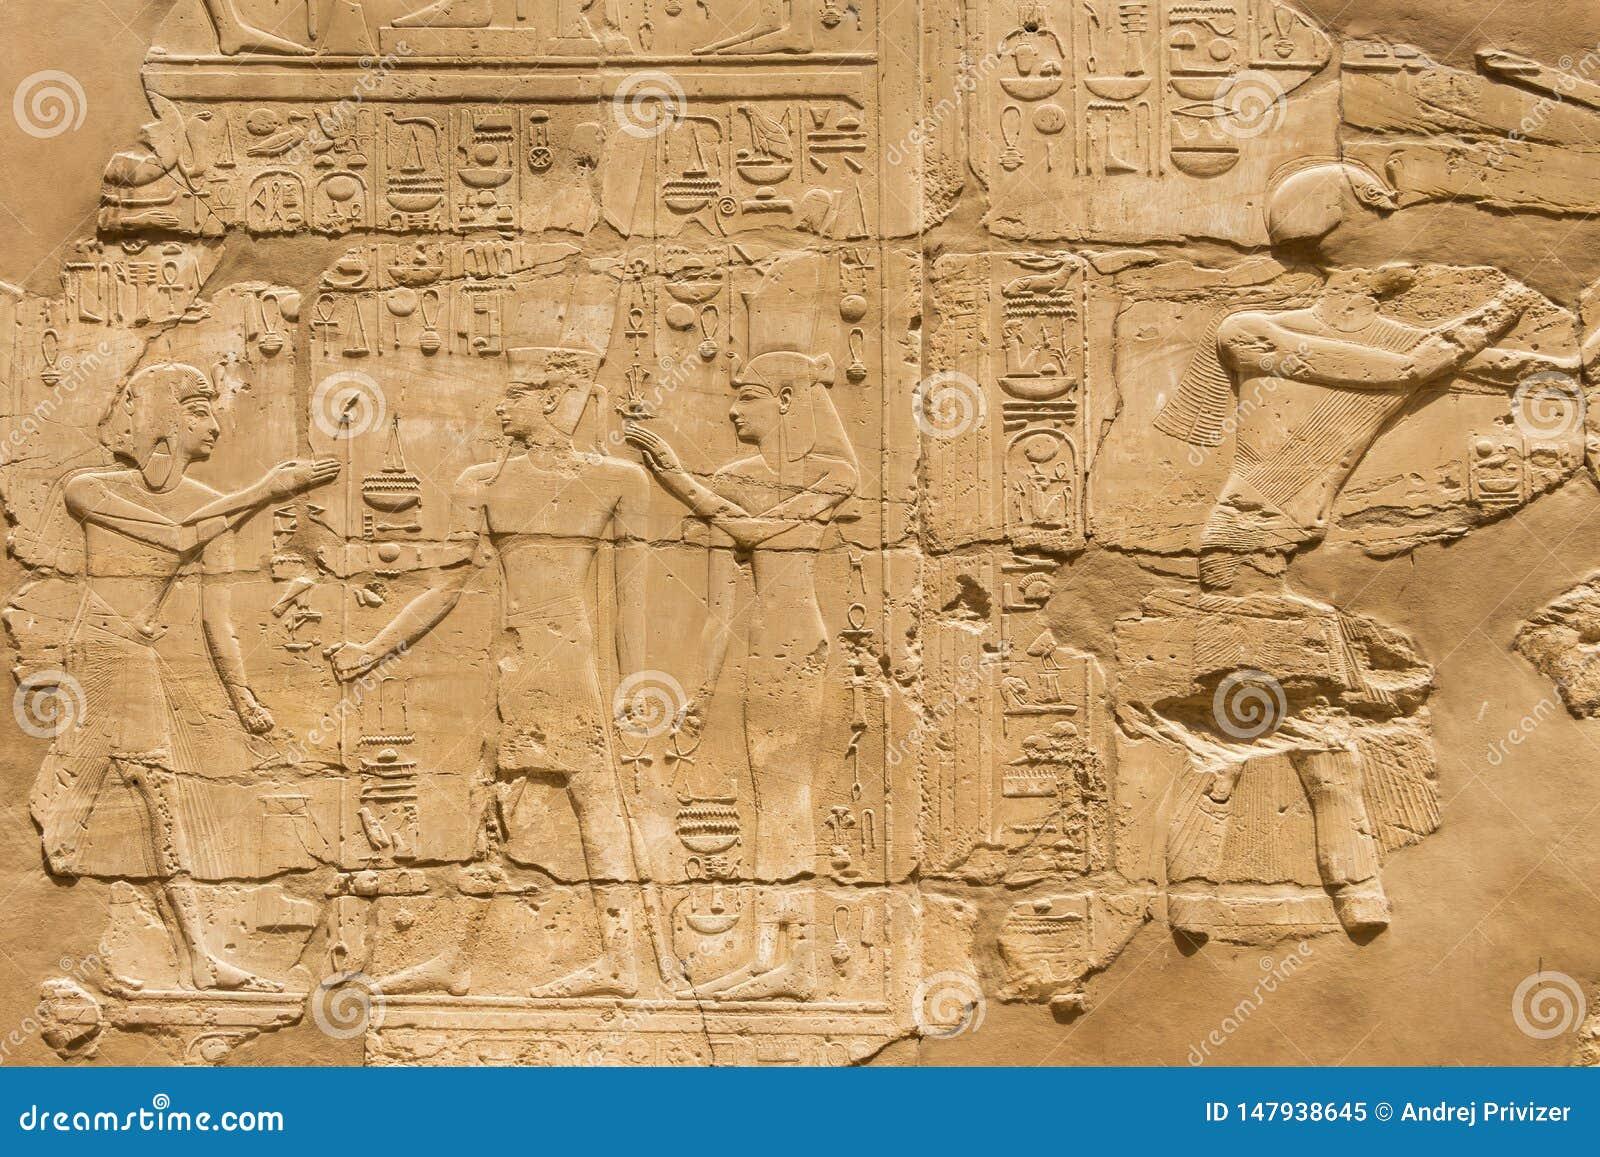 Egyptische hiërogliefen bij de Karnak-Tempel in Luxor, Egypte